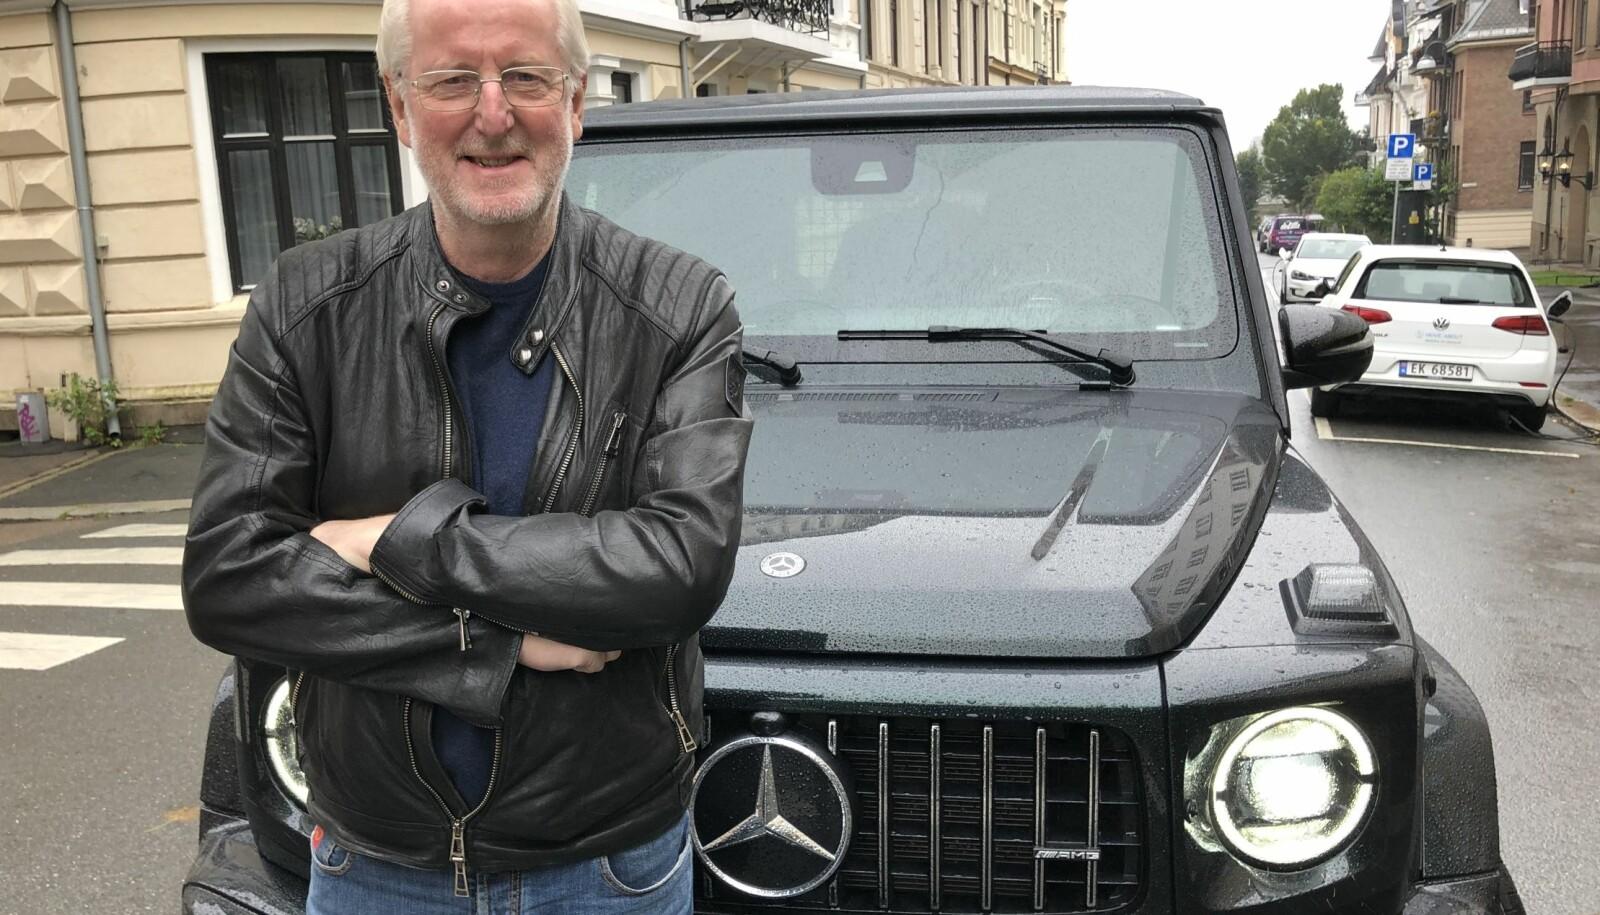 <b>TRYGGHETEN SELV: </b>Eyvind Hellstrøm føler trygghet i sin G-wagen. – Jeg kan kjøre Norge rundt så lenge det finnes bensinstasjoner, ler han.